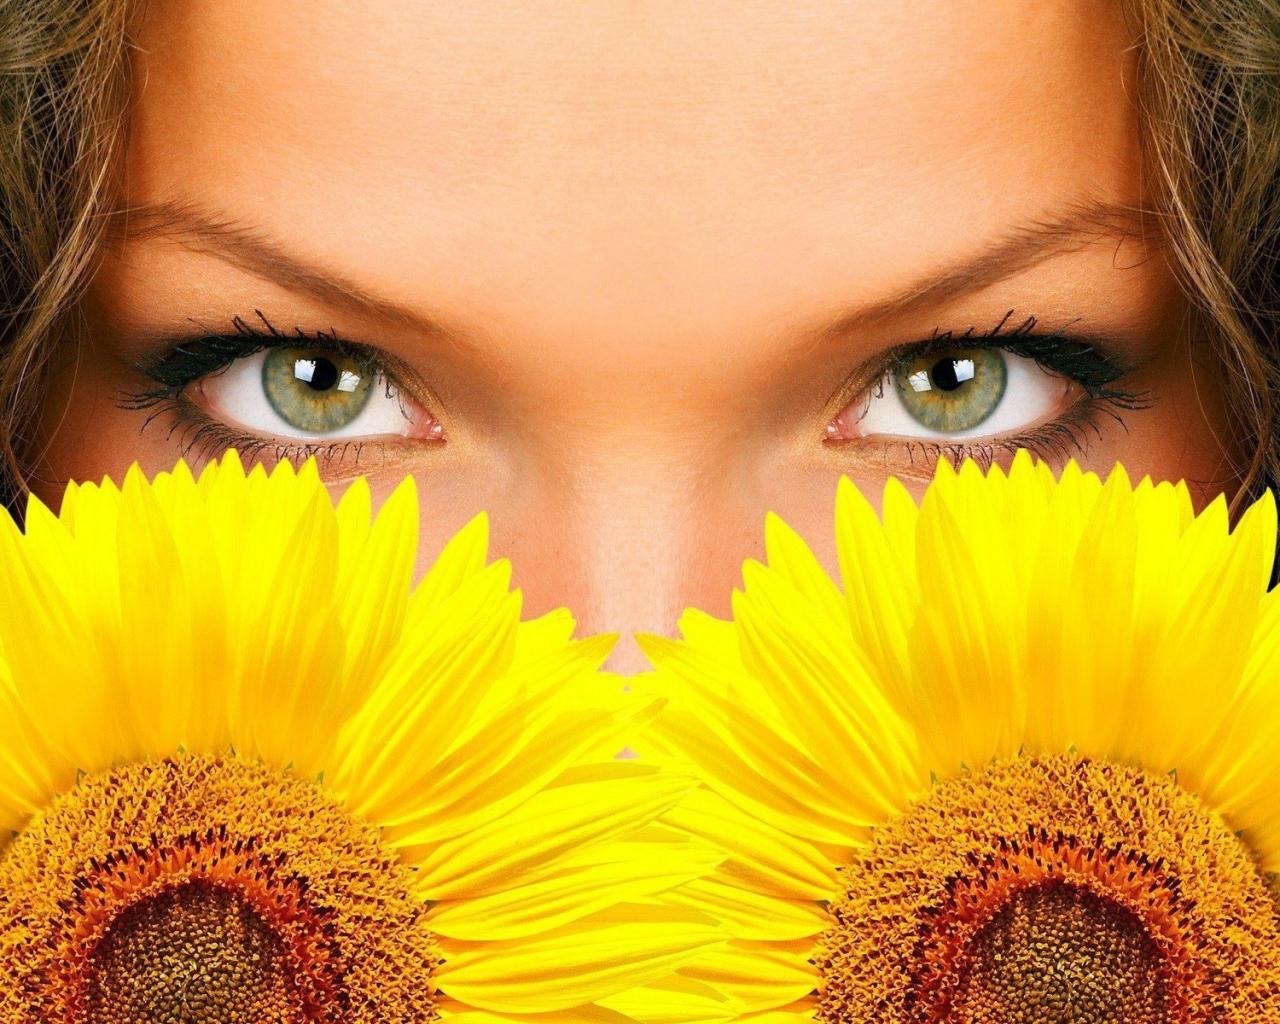 Hermosos ojos y girasoles - 1280x1024